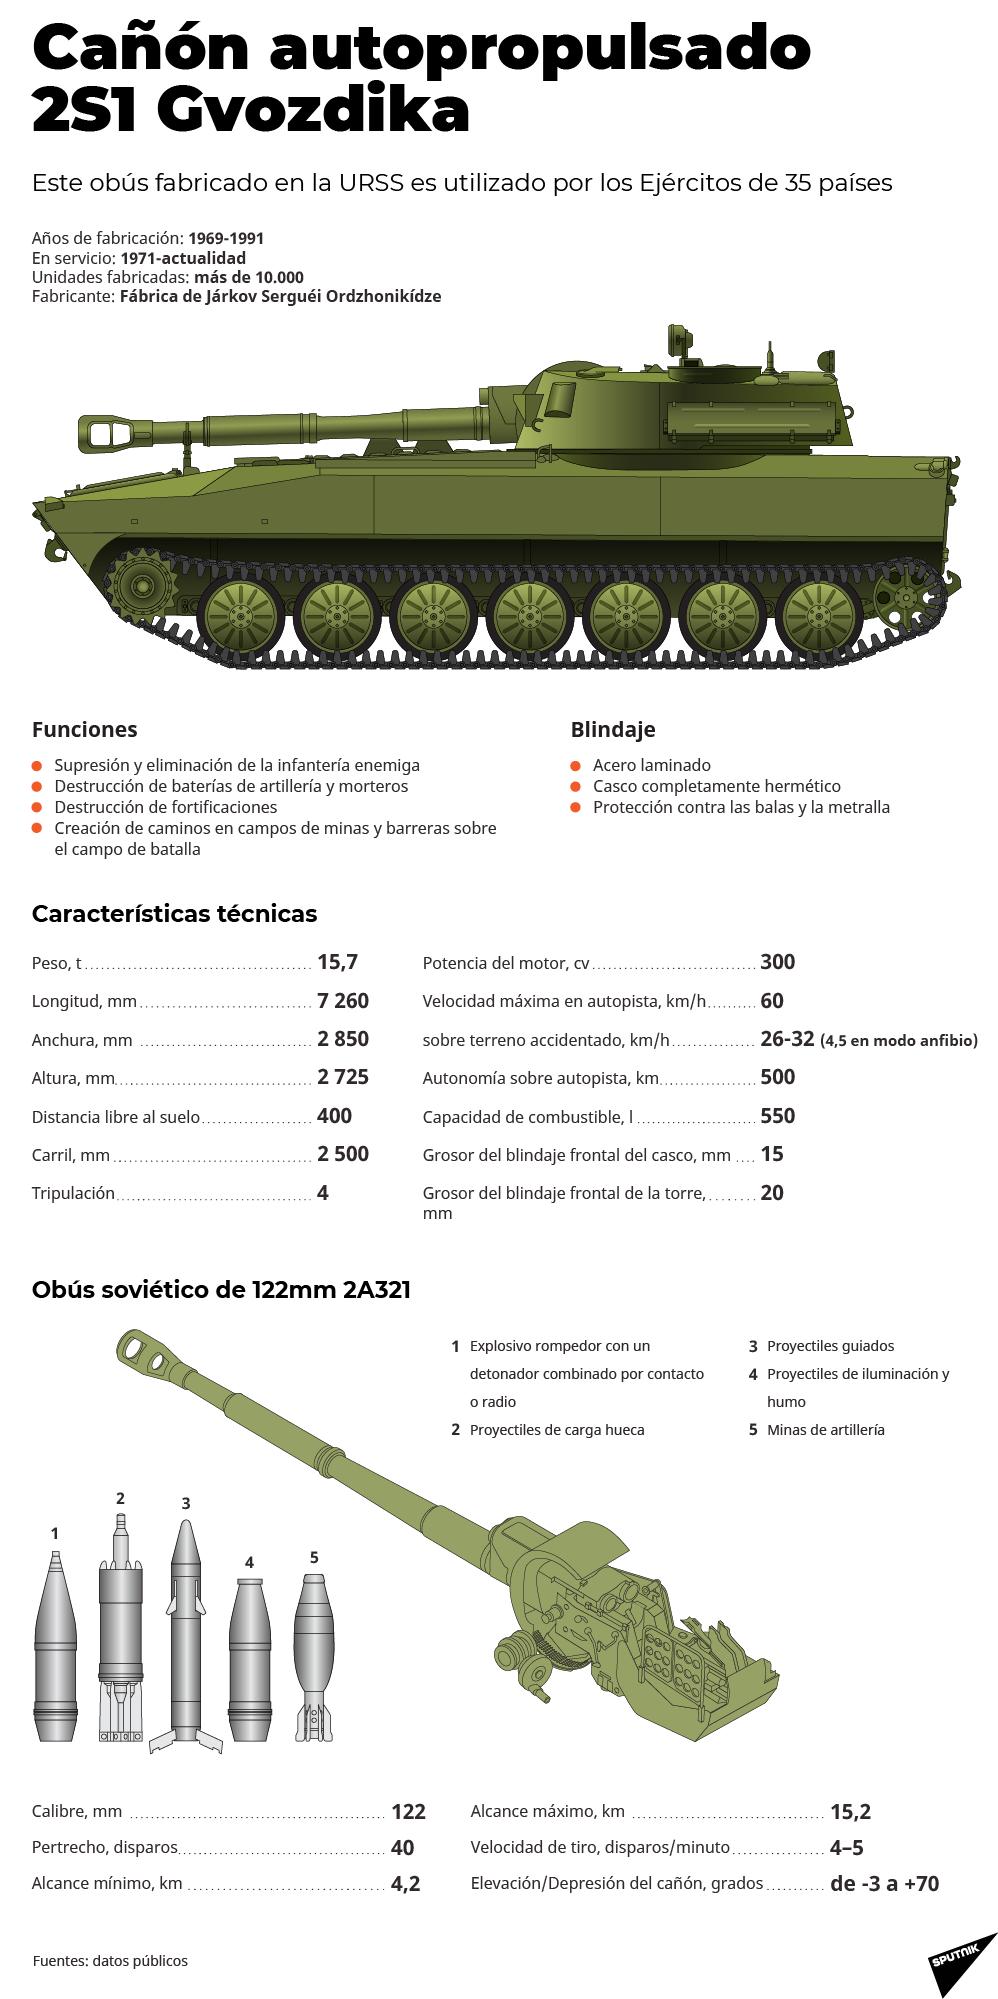 2S1 Gvozdika: el arrollador 'clavel' ruso al detalle - Sputnik Mundo